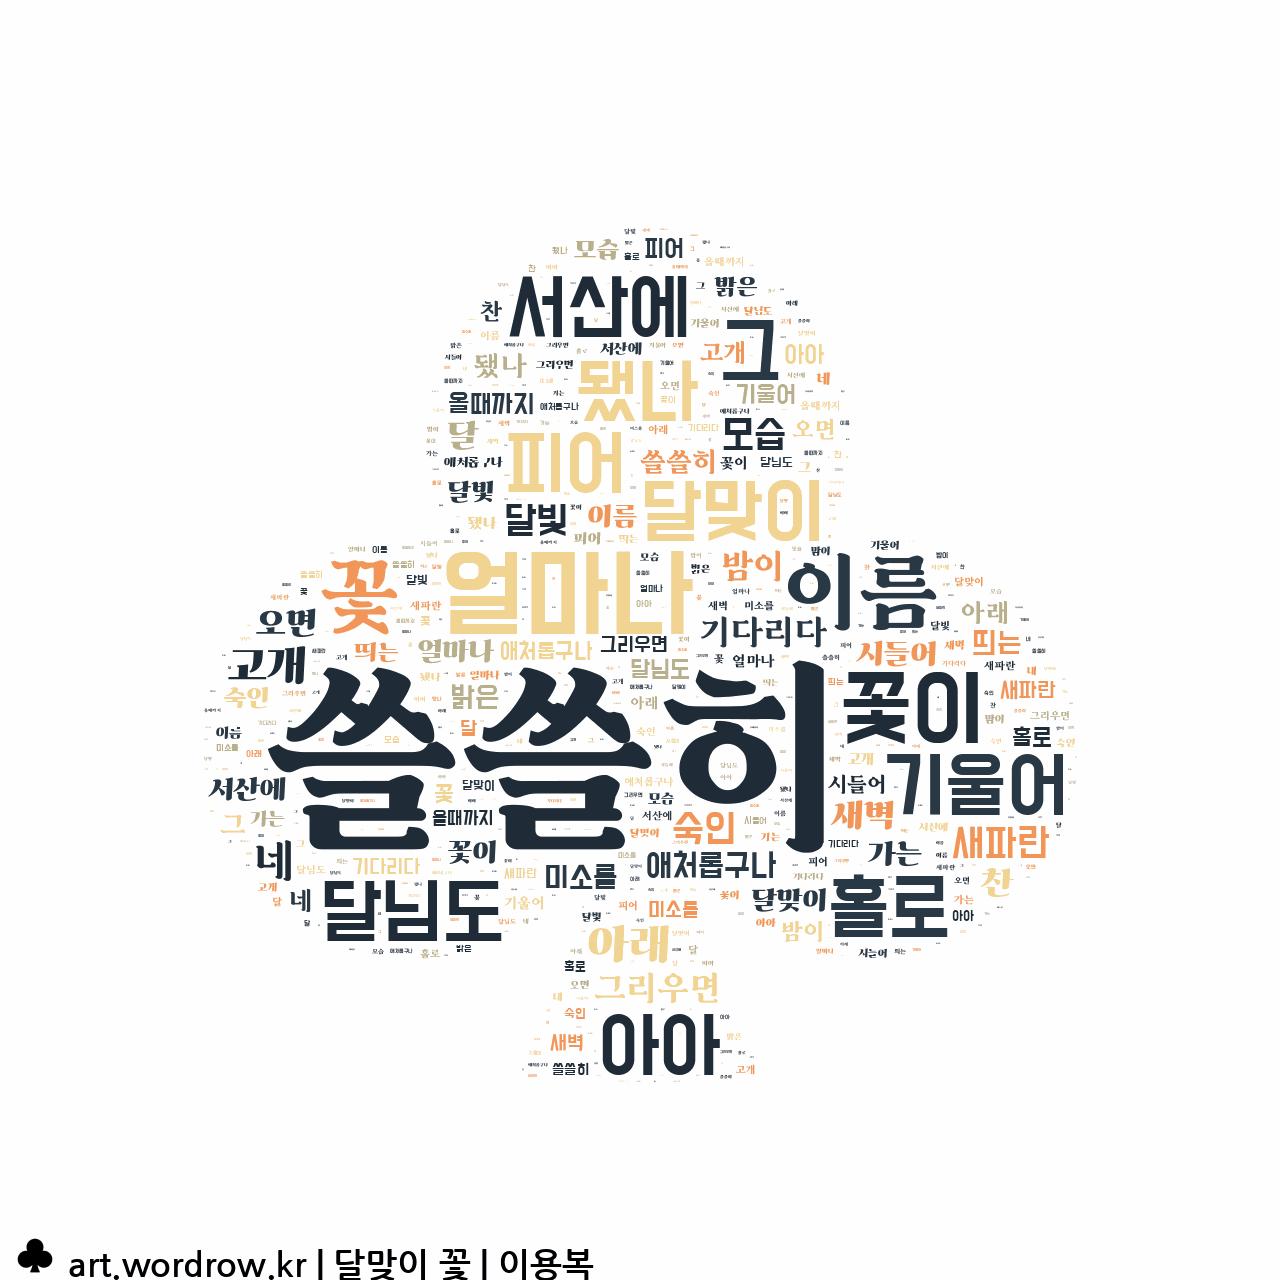 워드 아트: 달맞이 꽃 [이용복]-1